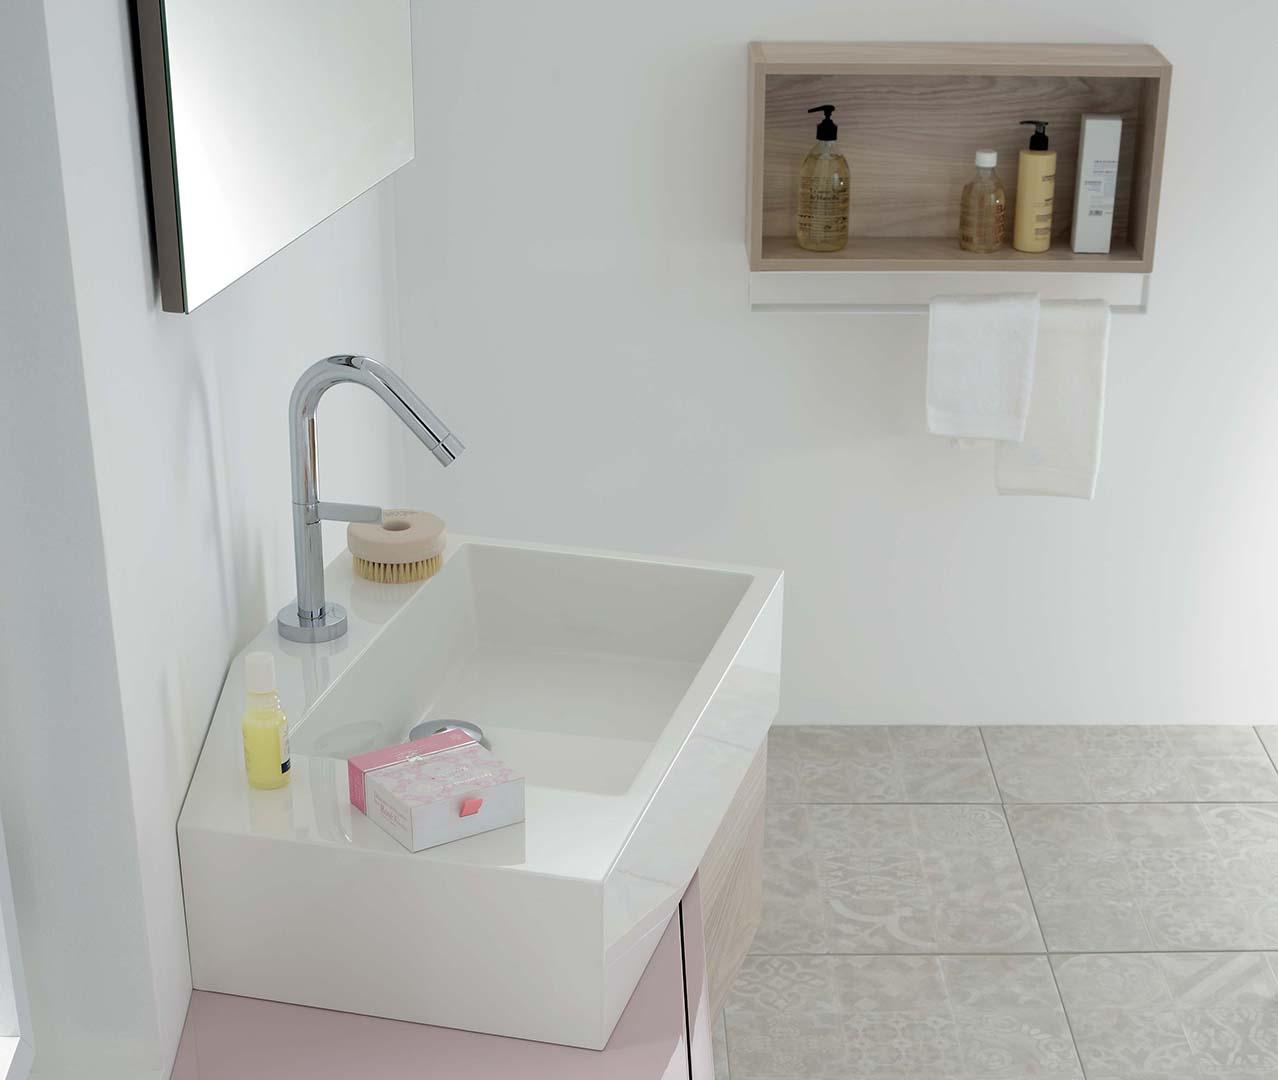 Gamme vertigo salle de bain design meuble sdb sanijura for Creer son meuble de salle de bain